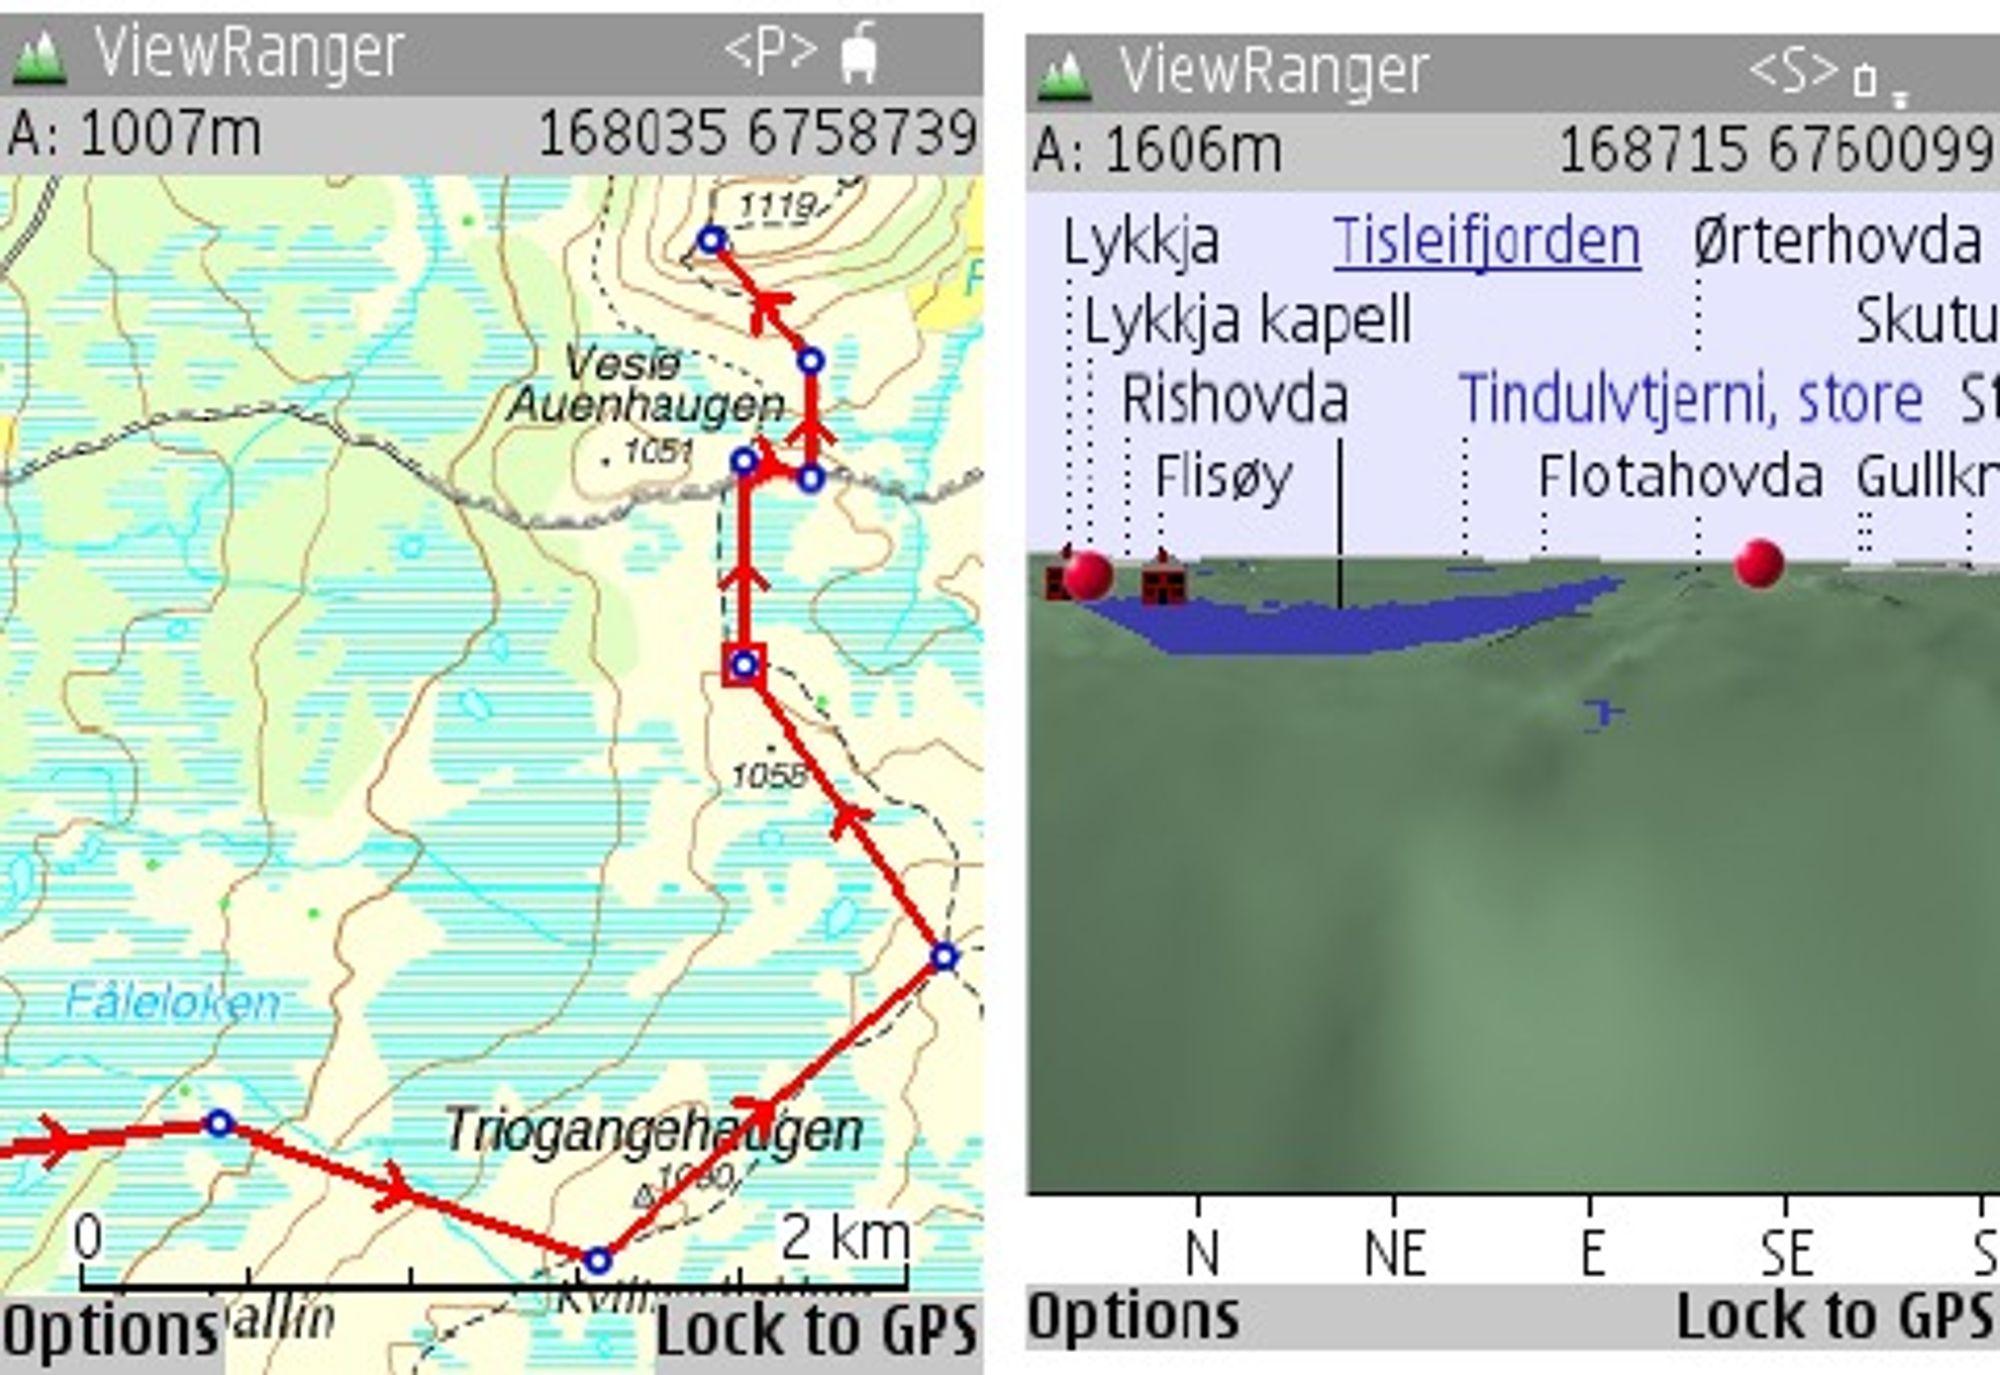 Viewranger med henholdsvis ruteplanlegging og panorama.